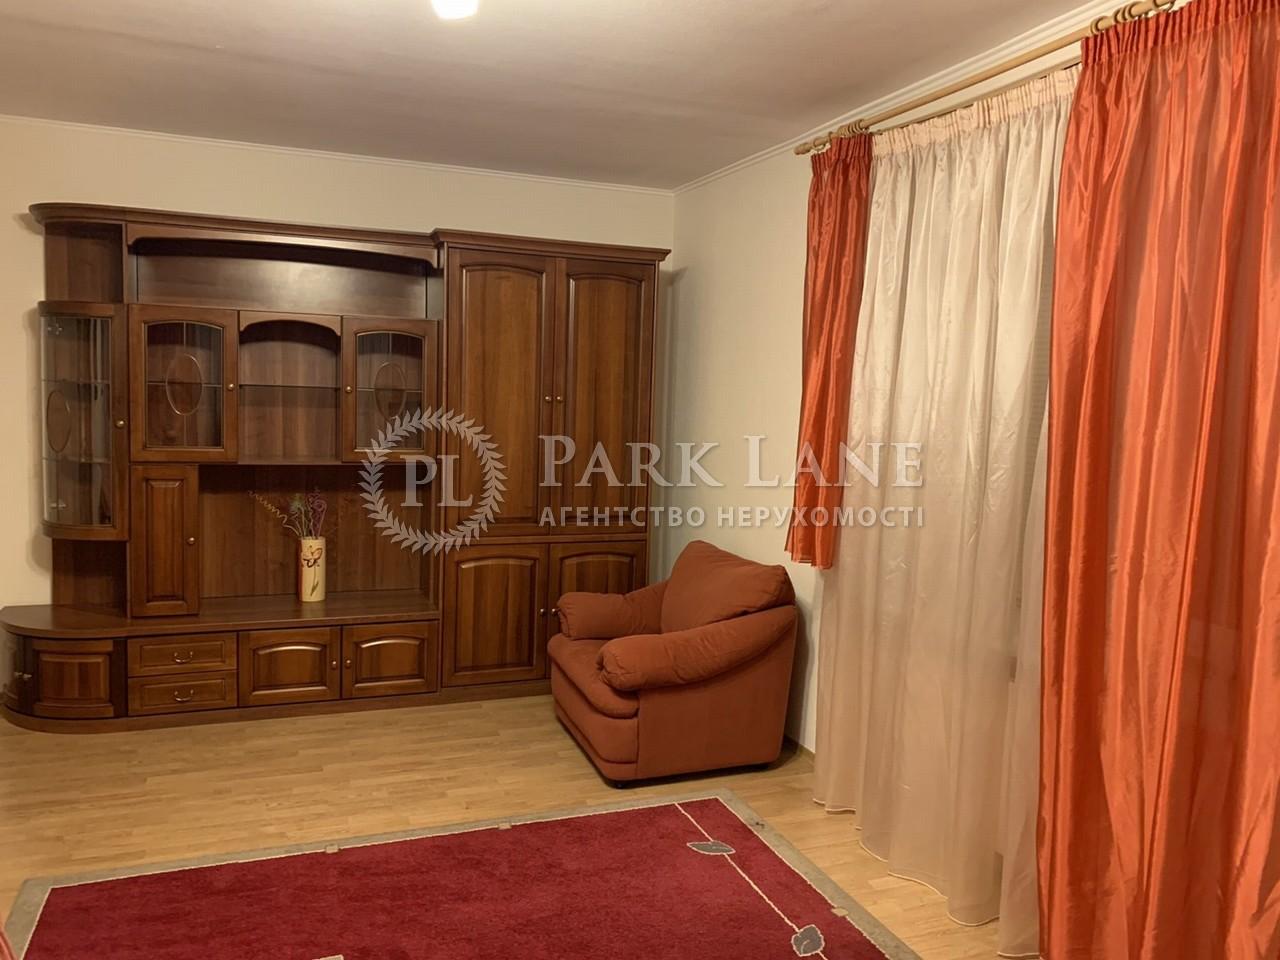 Квартира ул. Панельная, 5, Киев, E-16455 - Фото 9